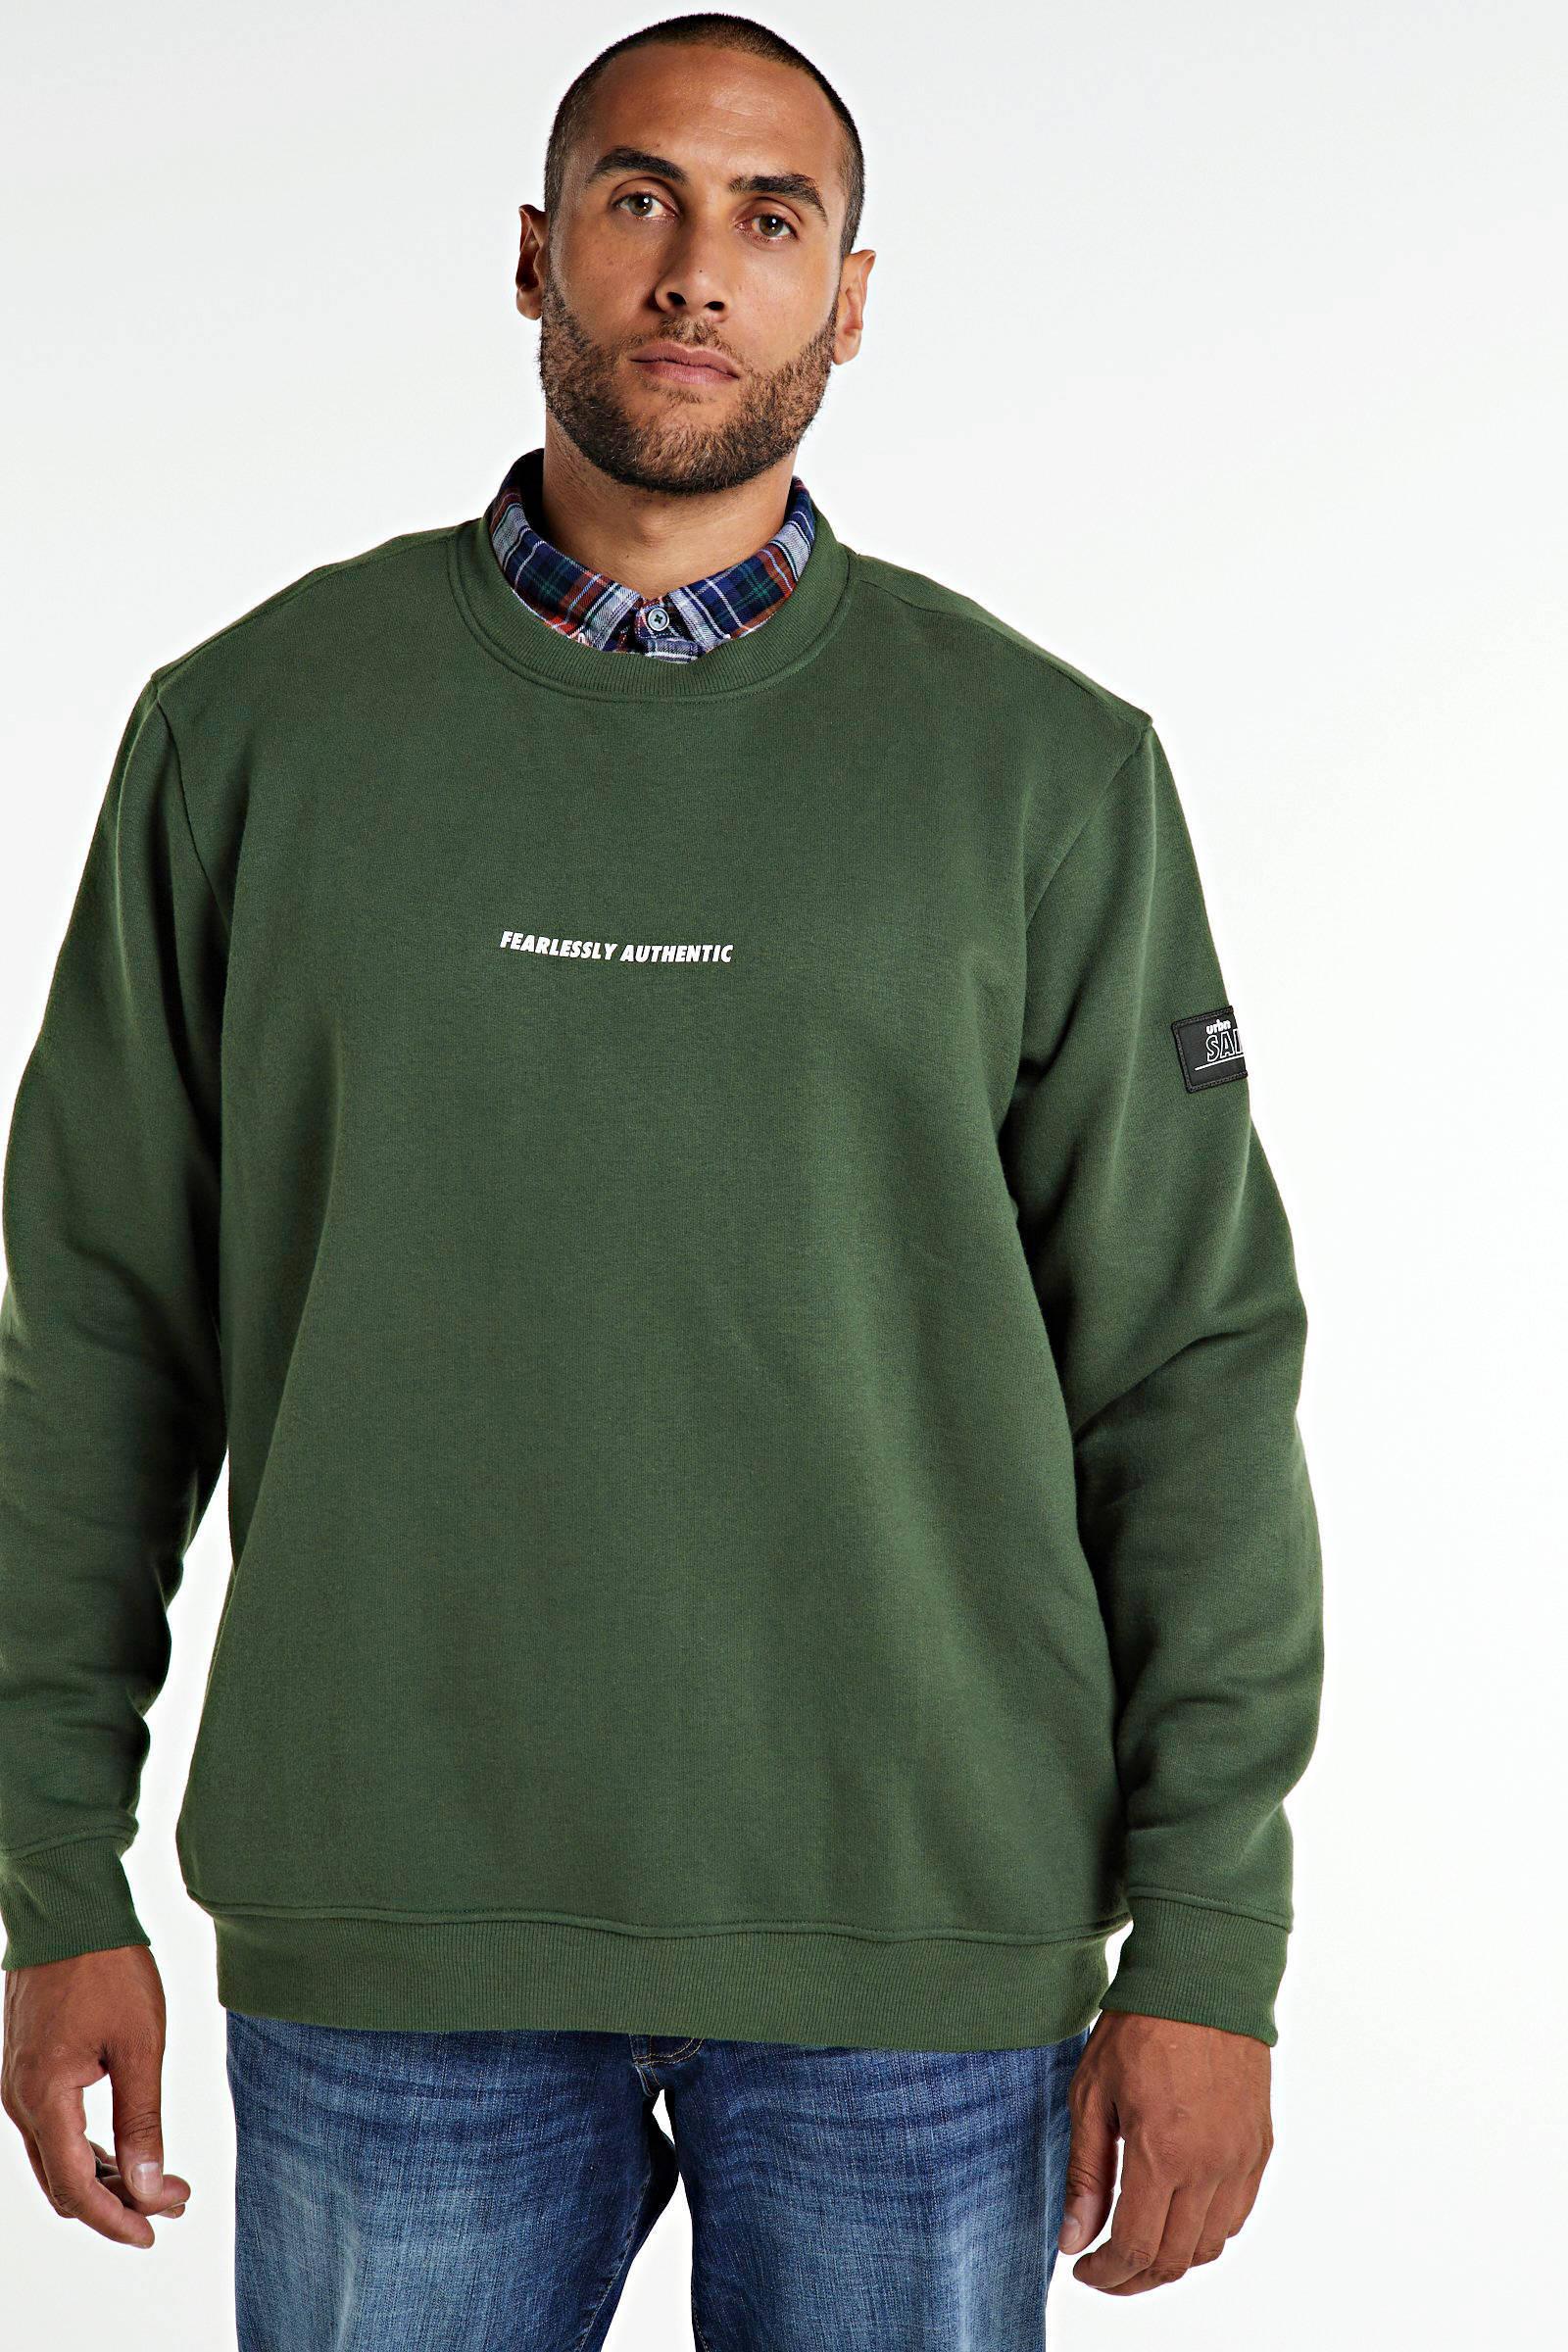 Grote maten truien voor heren kopen Vind jouw Grote maten